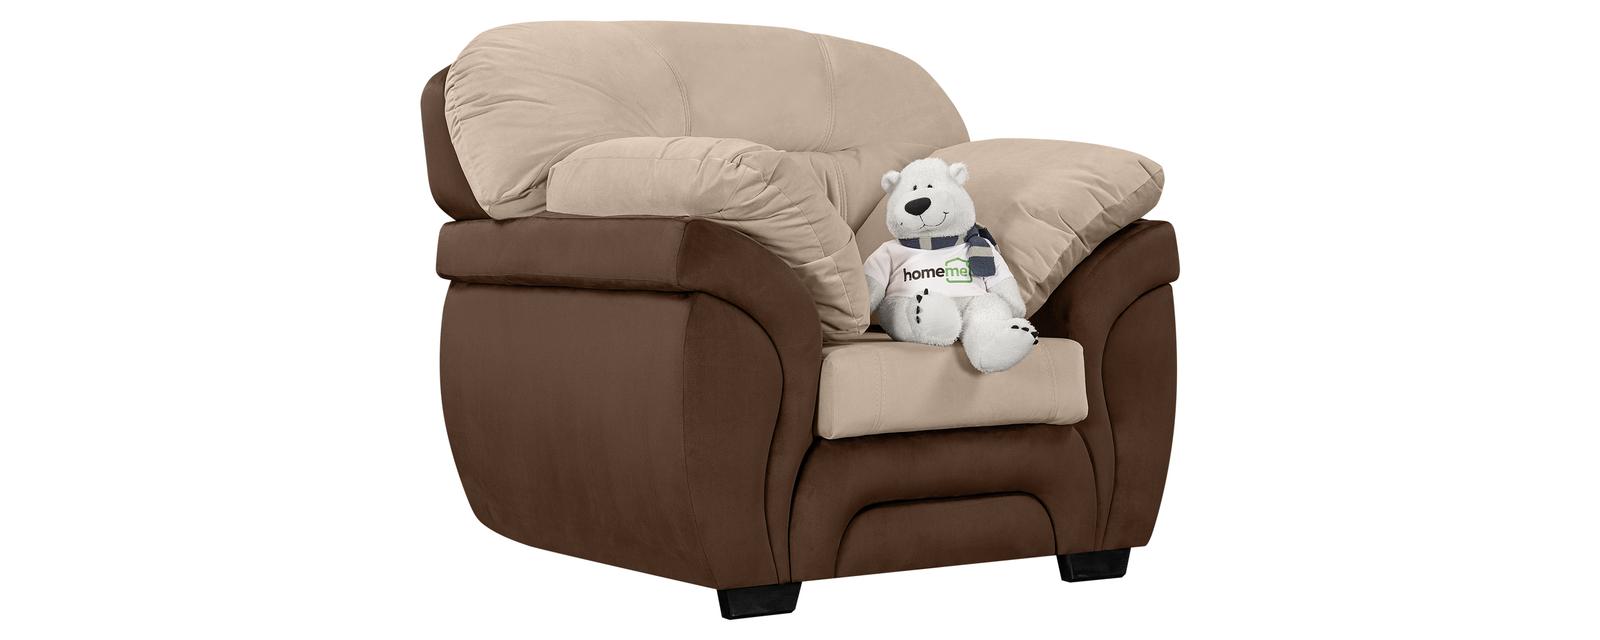 Кресло тканевое Бристоль Velure бежевый/коричневый (Велюр)